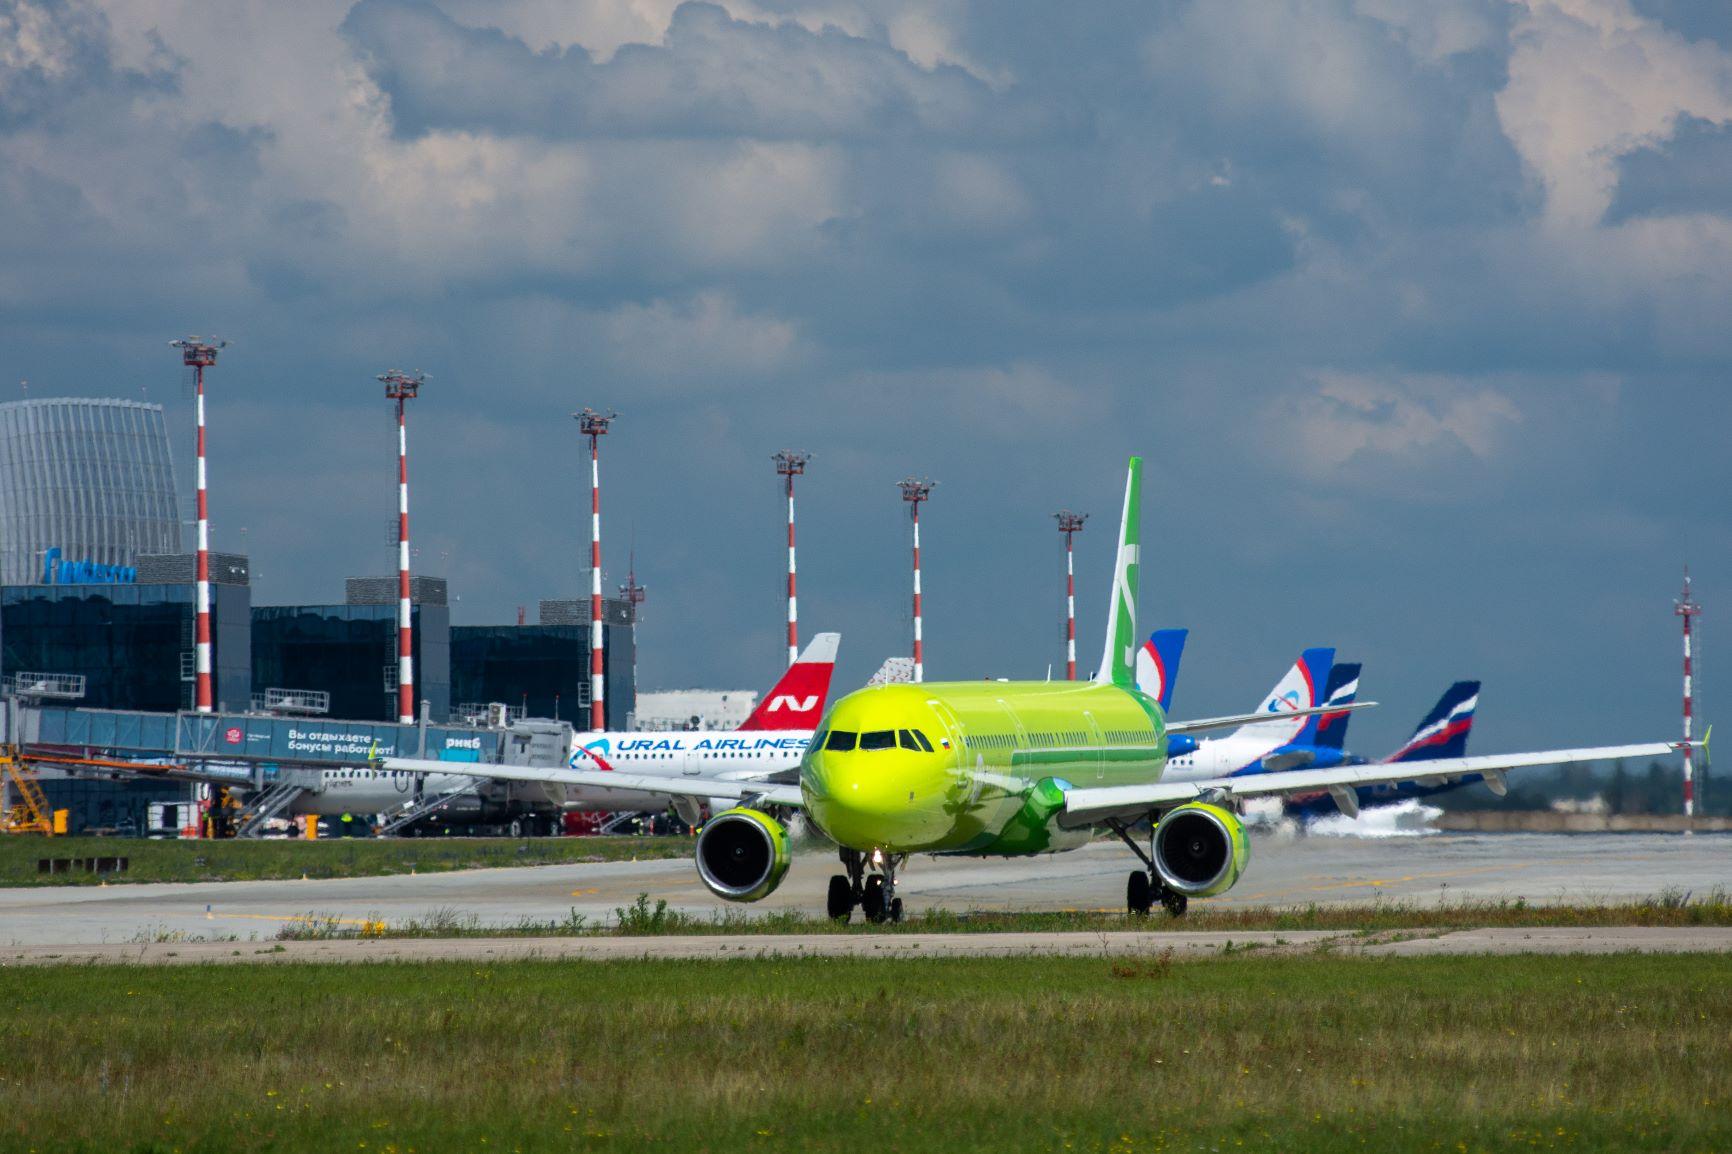 Аэропорт Симферополь в июне обслужил 1 миллион пассажиров